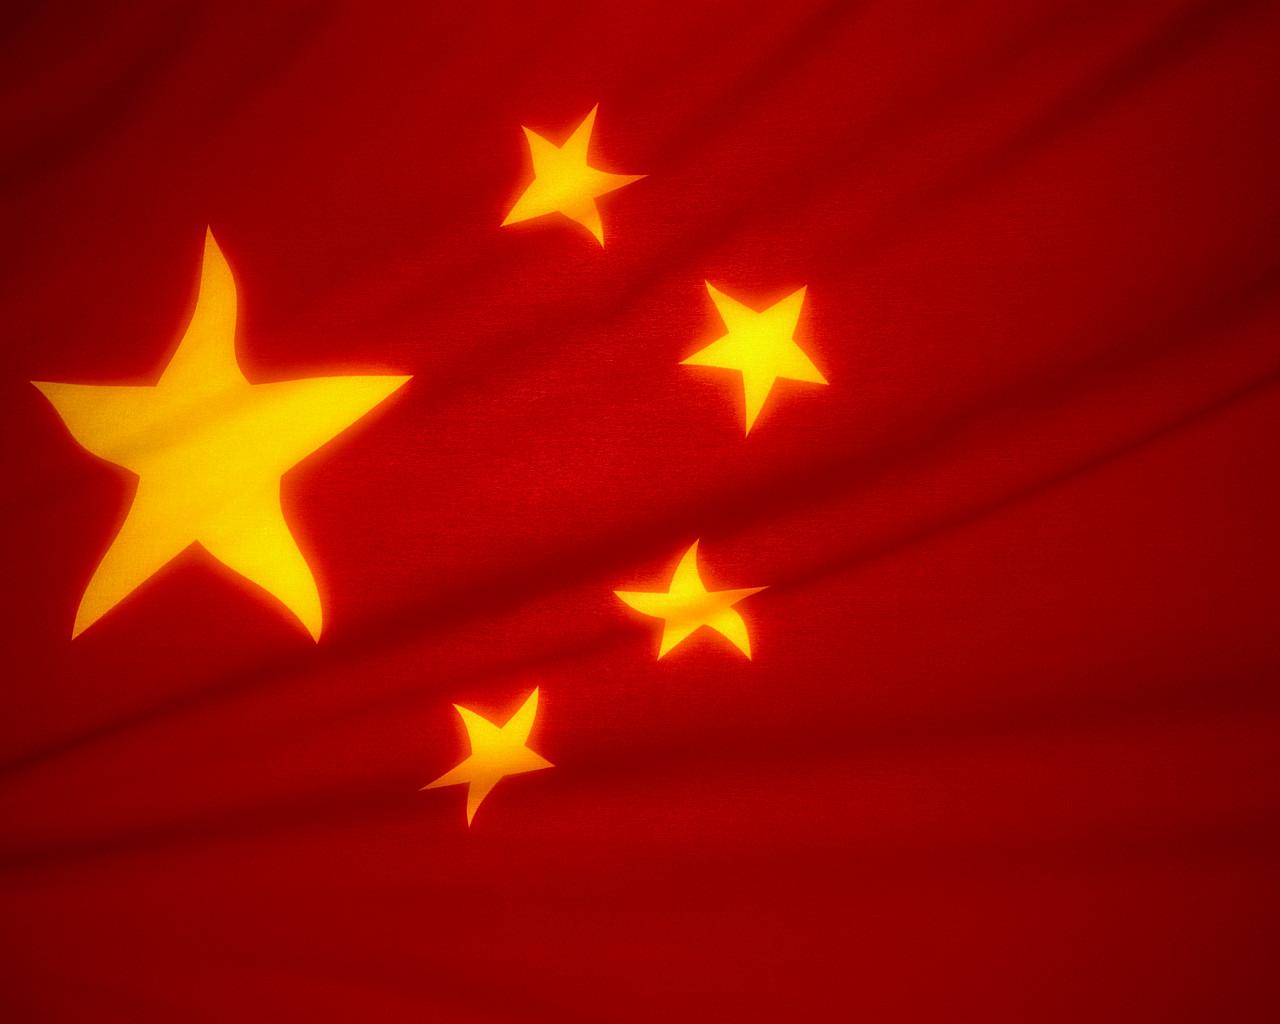 سور الصين العظيم ... (-ّّ-) سور الصين